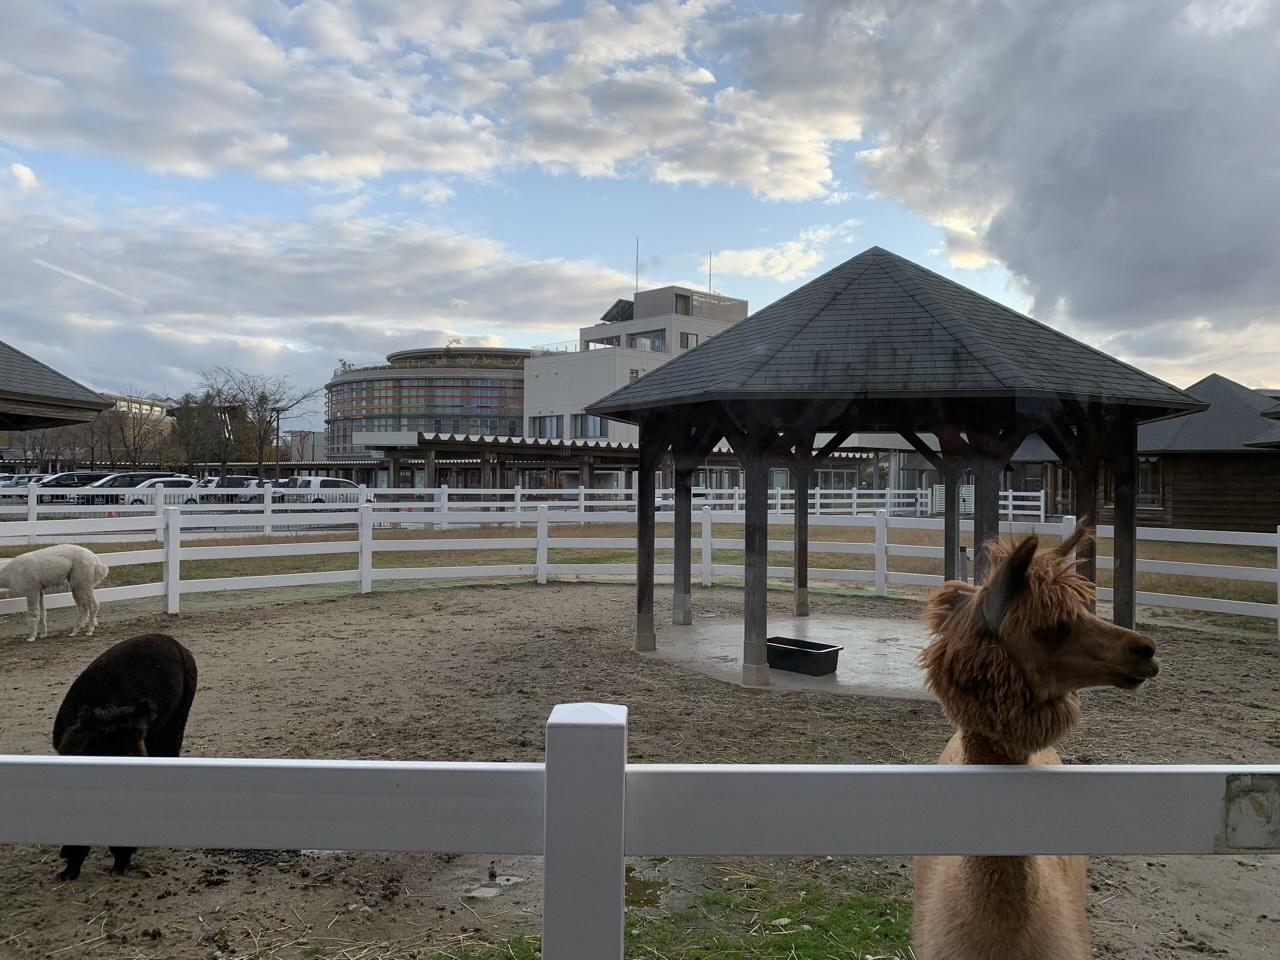 動物ふれあいセンターでふれあい体験をしてみた!